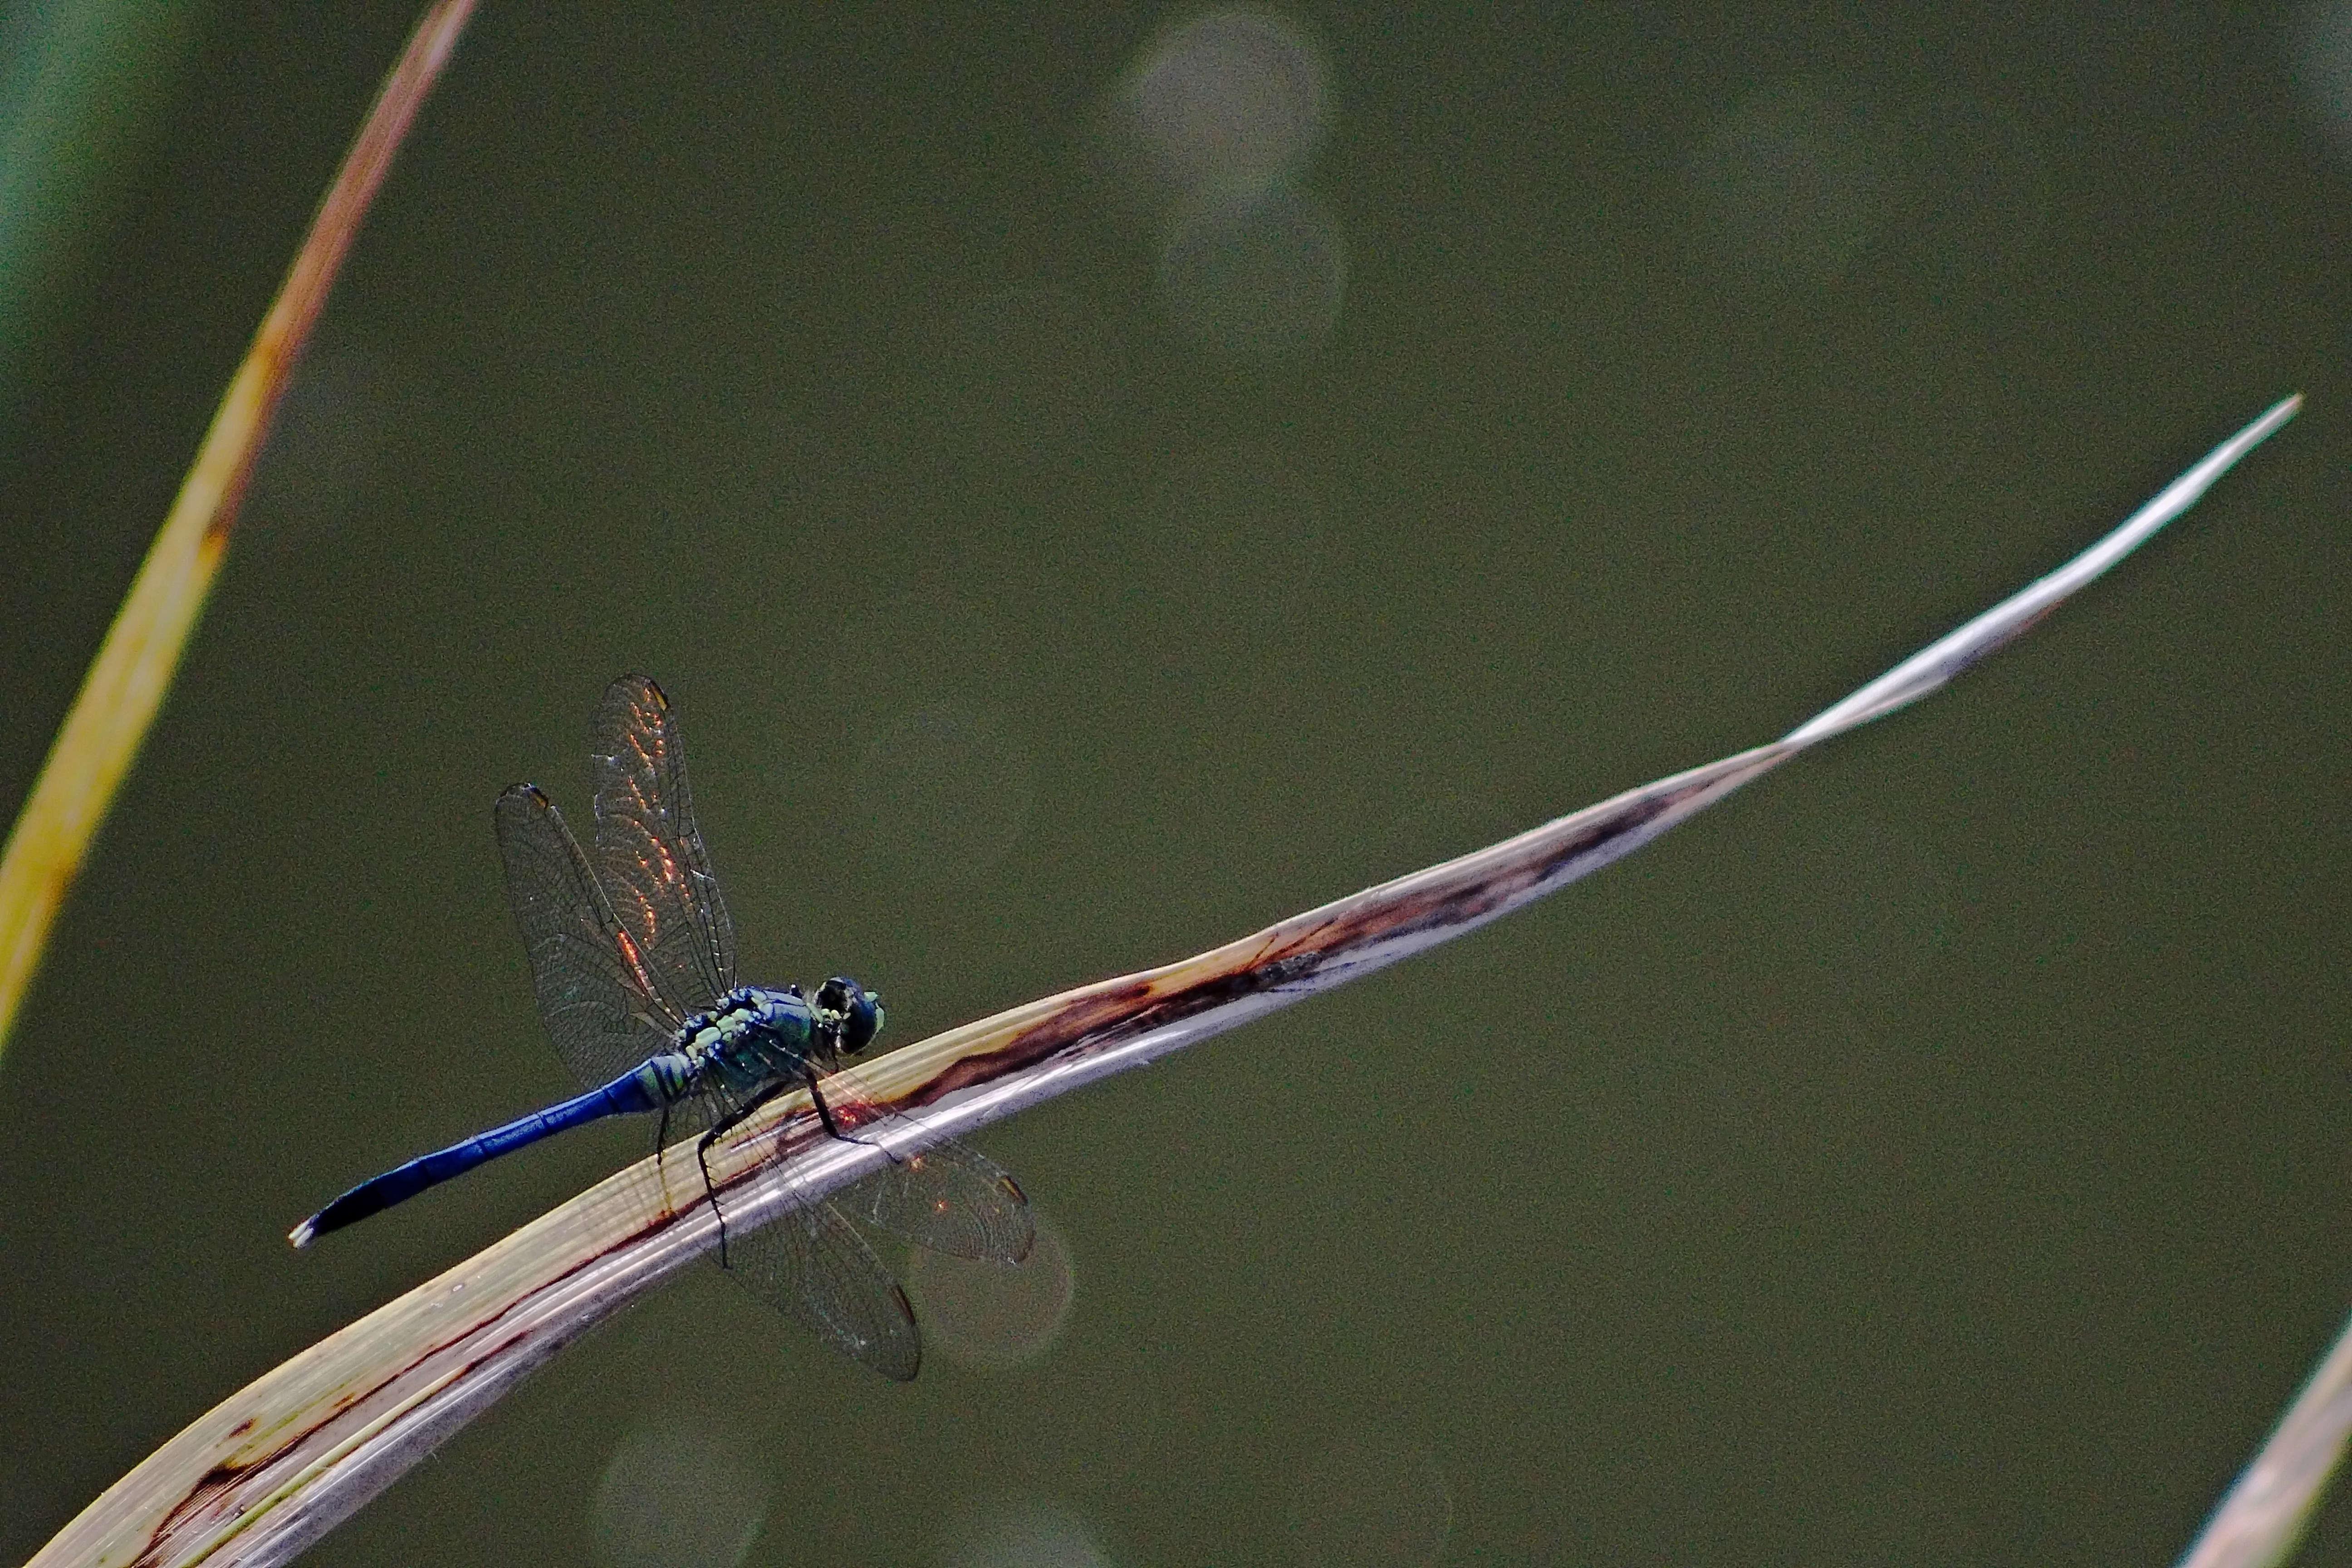 IMG_2885_v1_Dragonfly.jpg